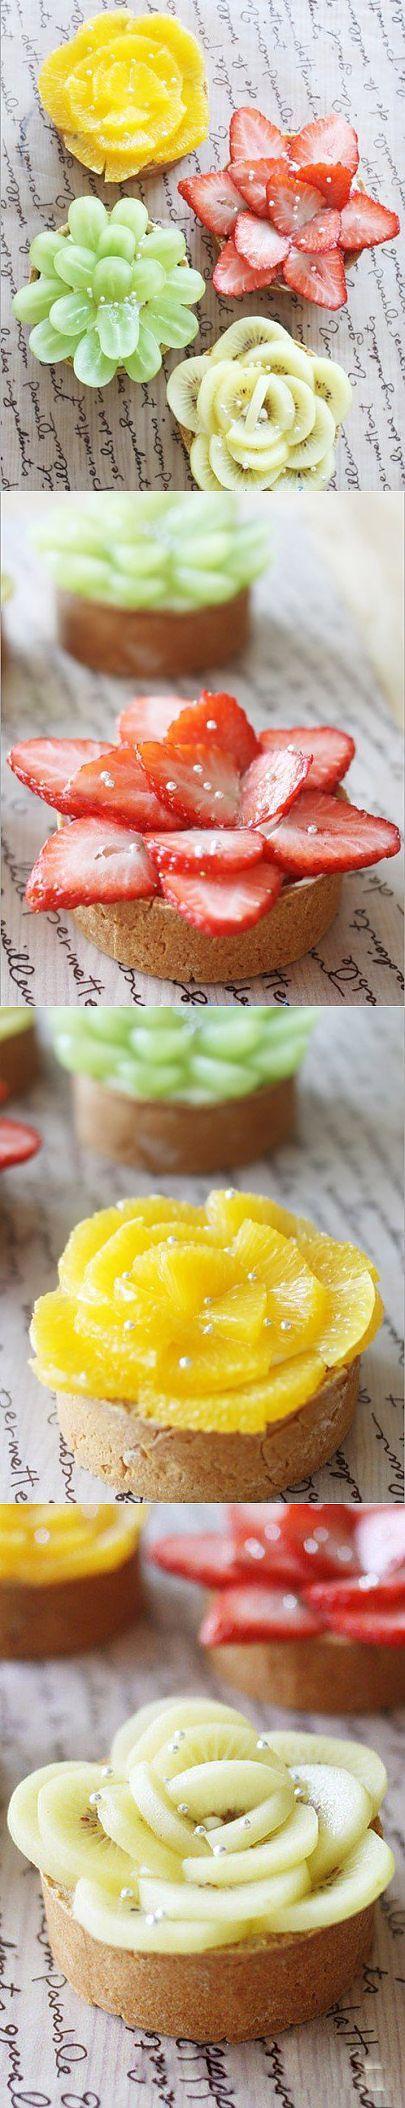 Fruit flower cakes